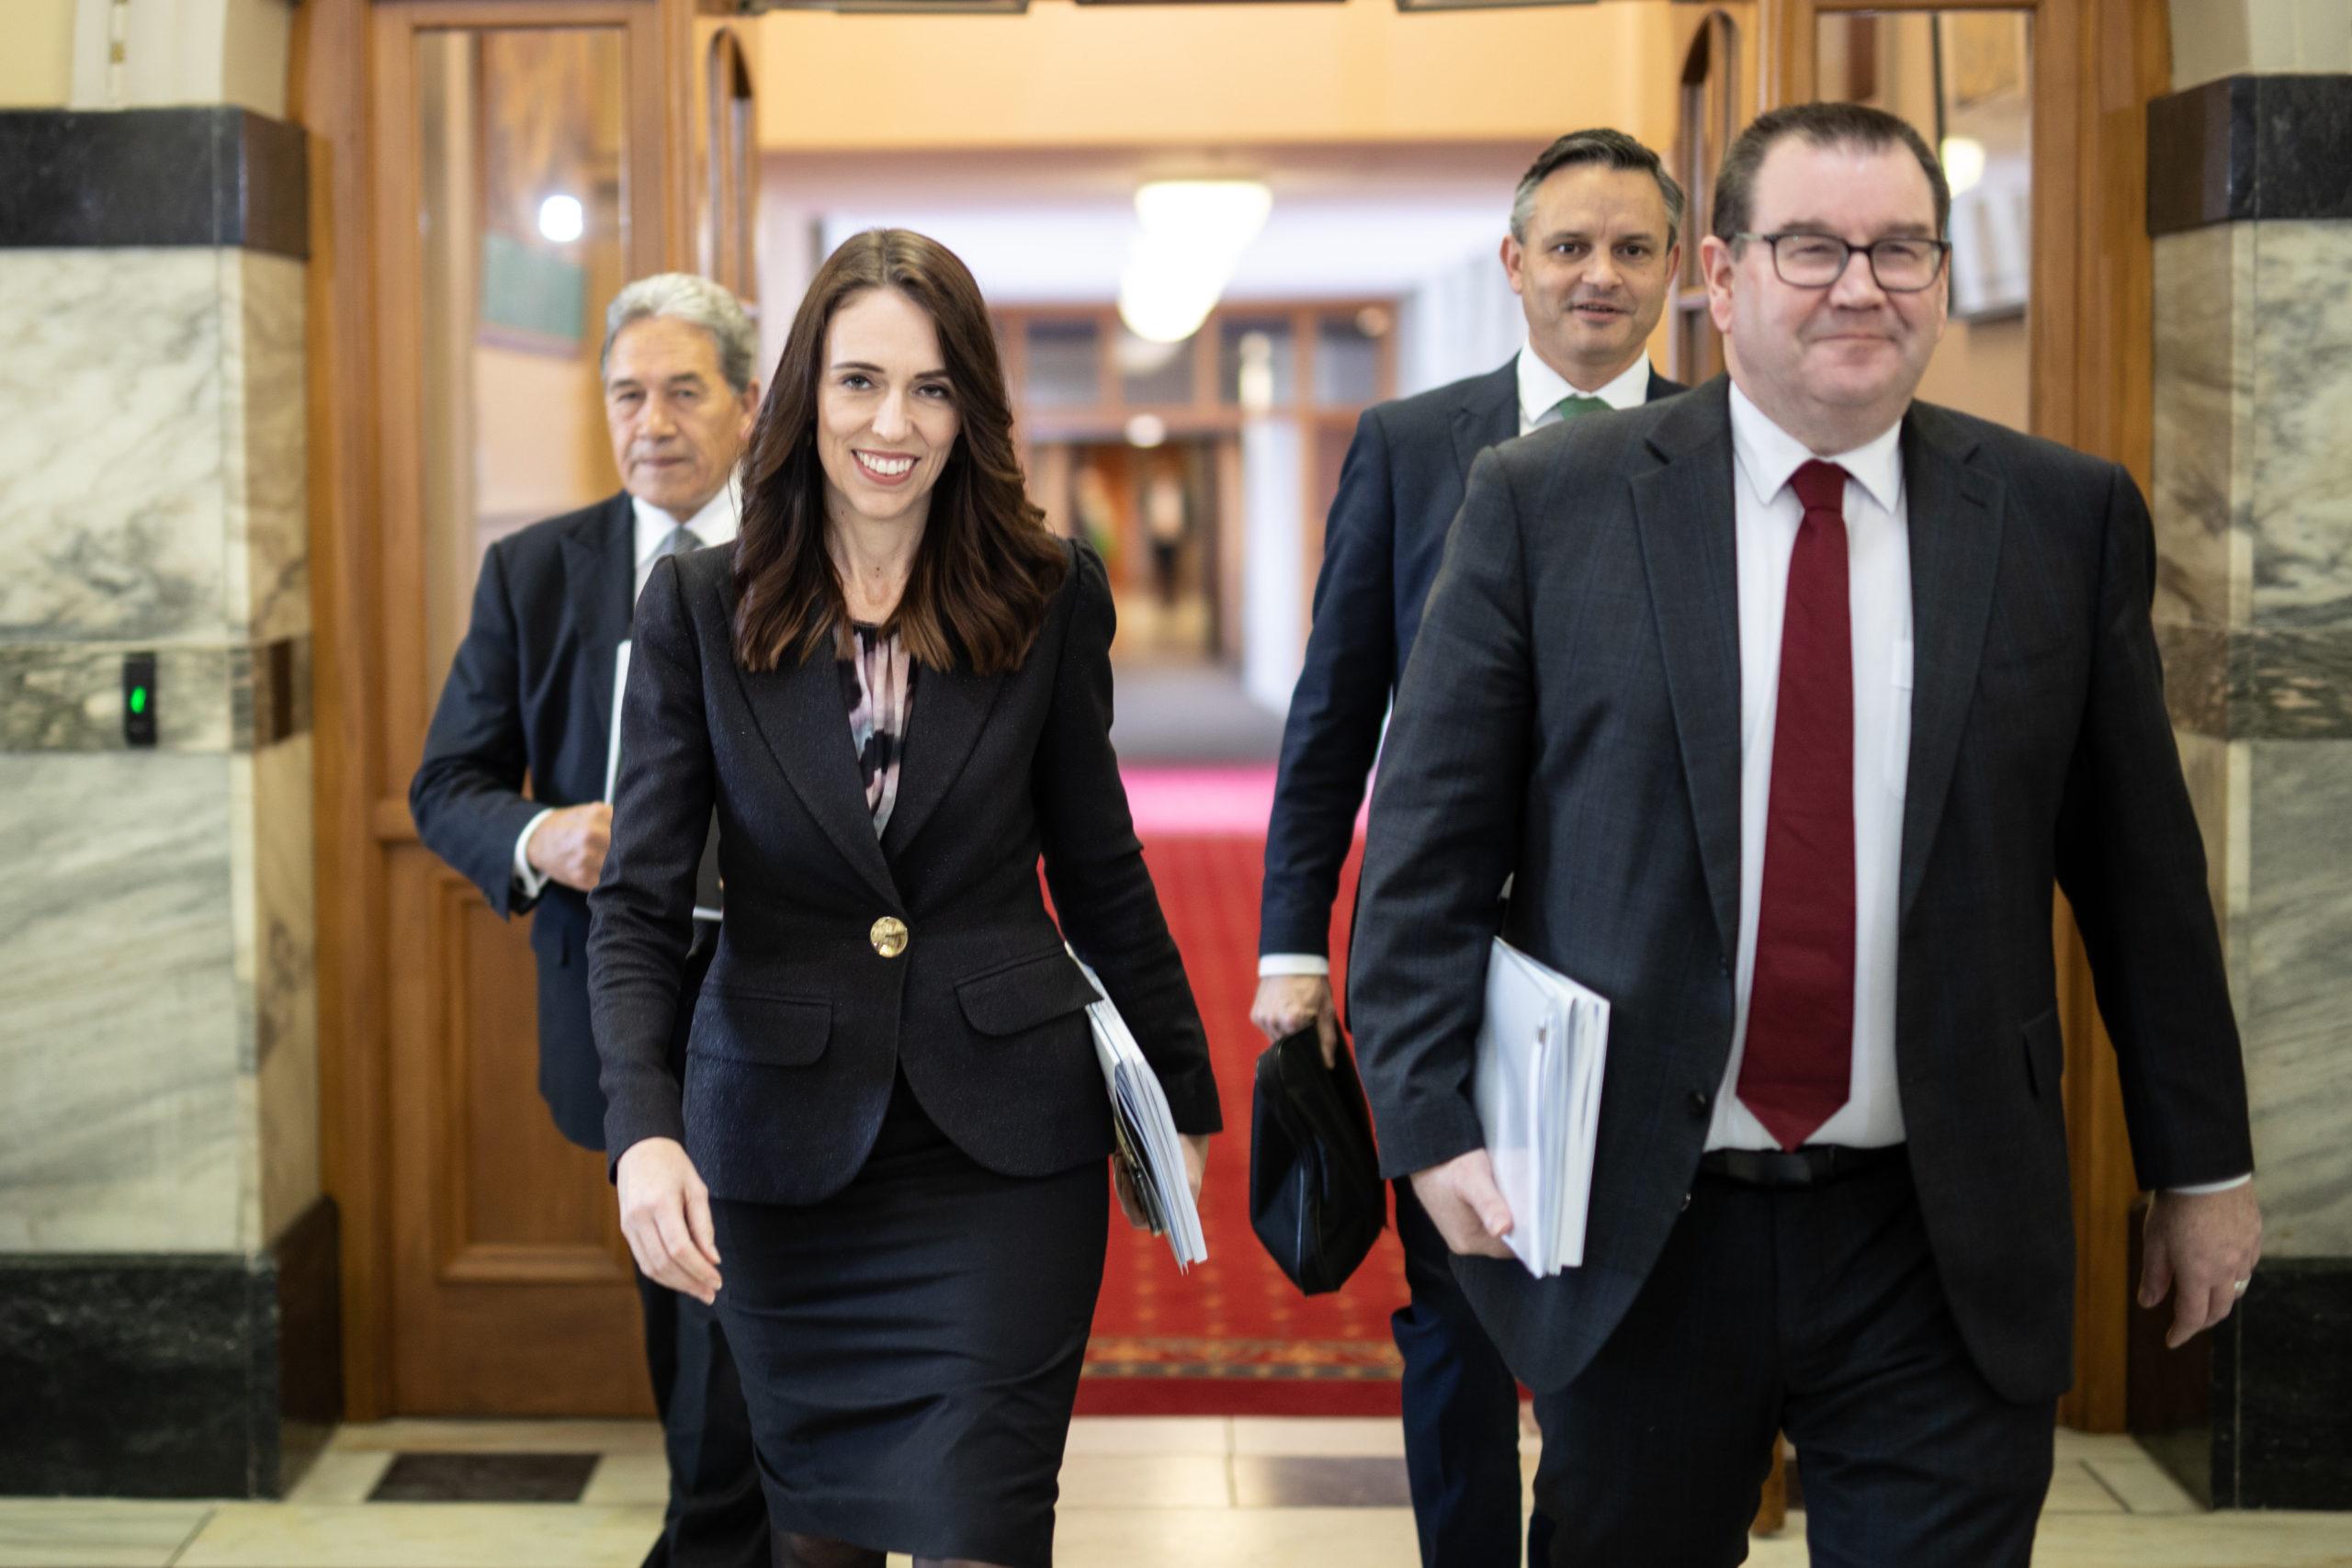 No destaque, a primeira-ministra primeira-ministra da Nova Zelândia, Jacinda Ardern. Crédito: Getty Images